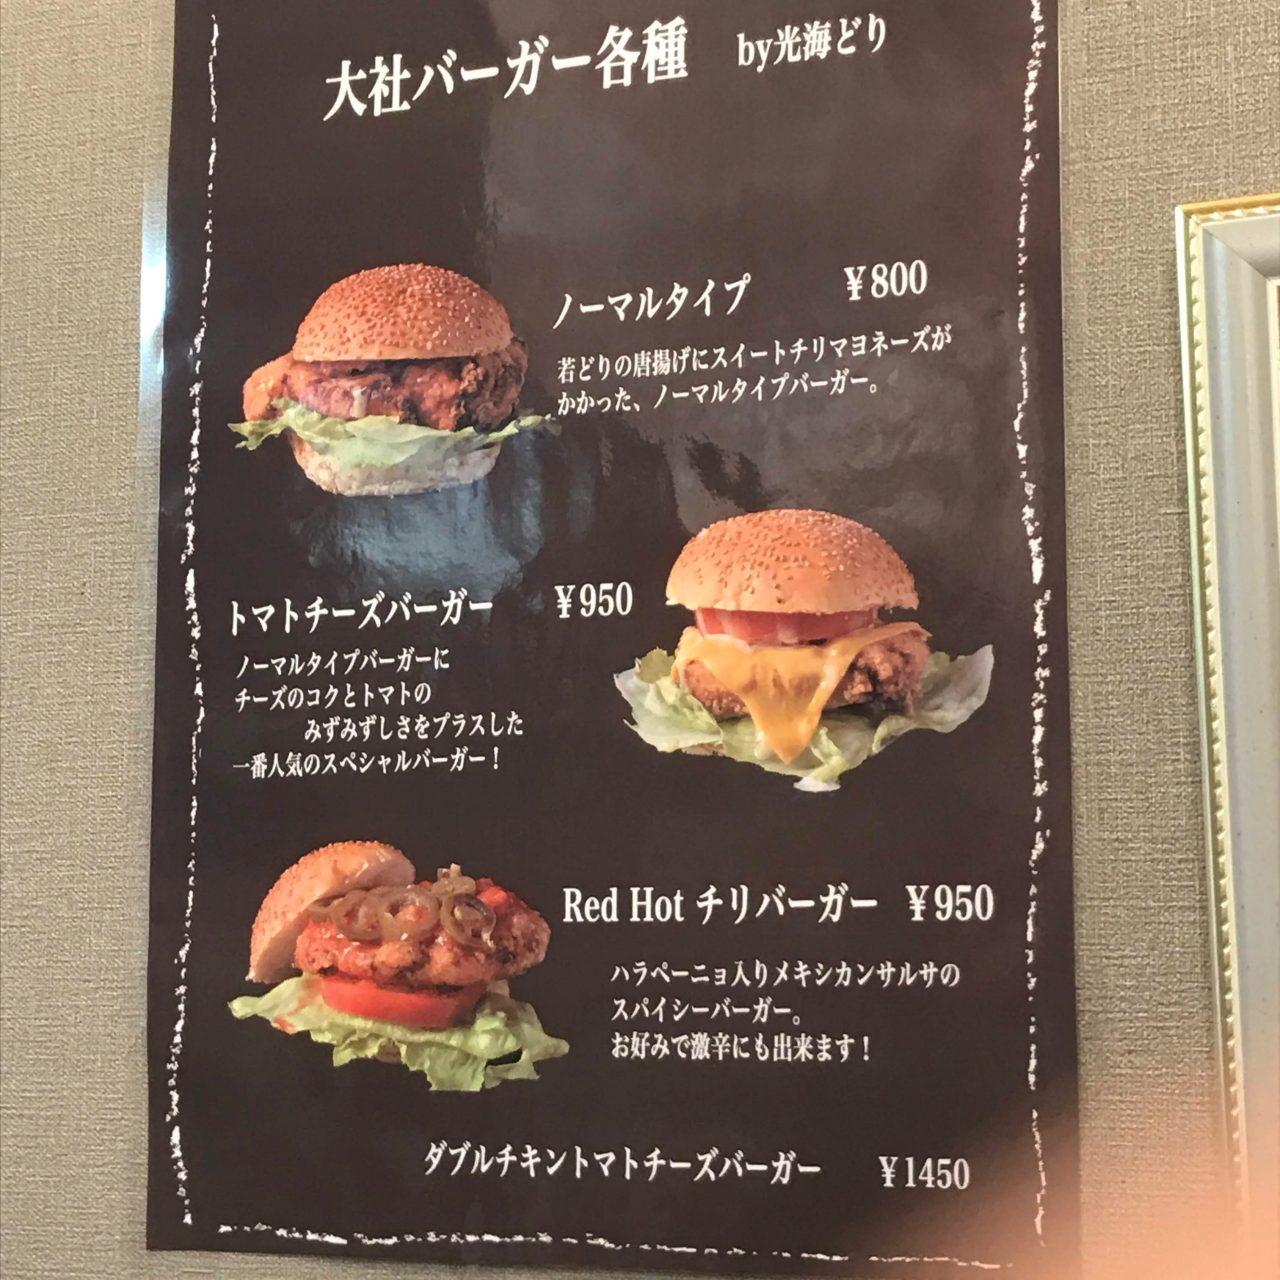 「光海どり」オリジナルの「大社バーガー」メニュー